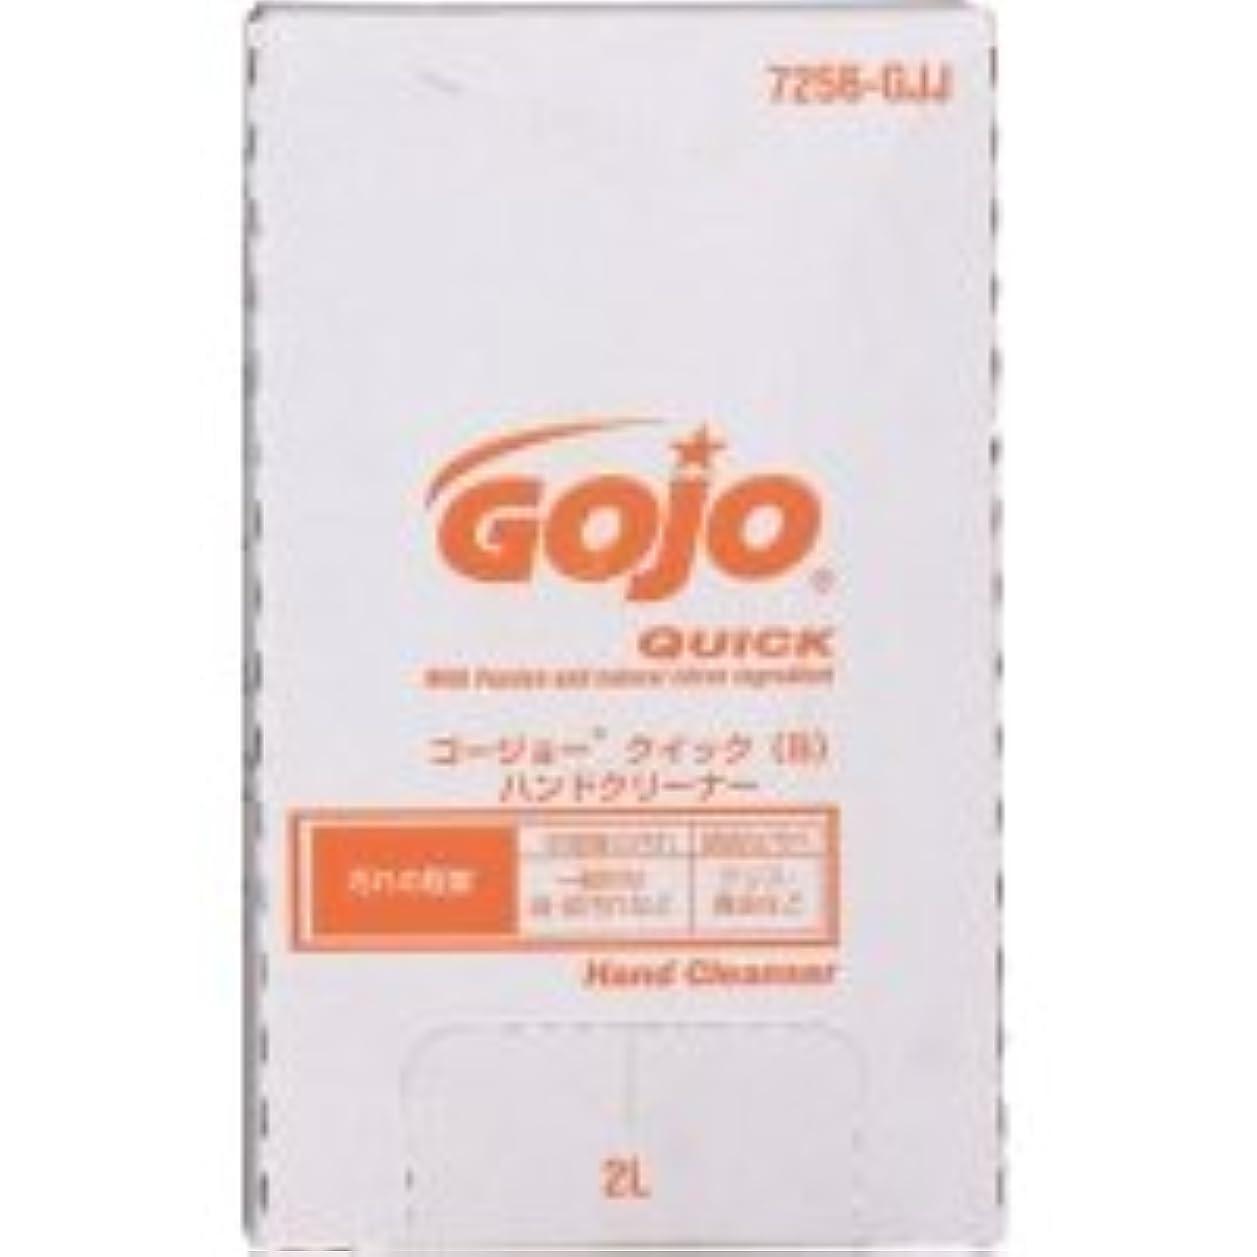 推進想起製作GOJO クイック(S)ハンドクリーナー ディスペンサー用 2000ml 1個